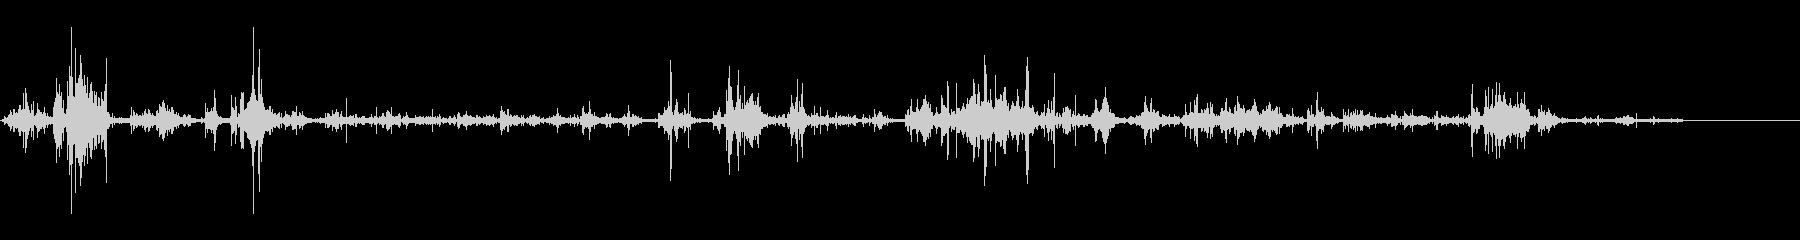 スイムウォーター-スプラッシュの未再生の波形